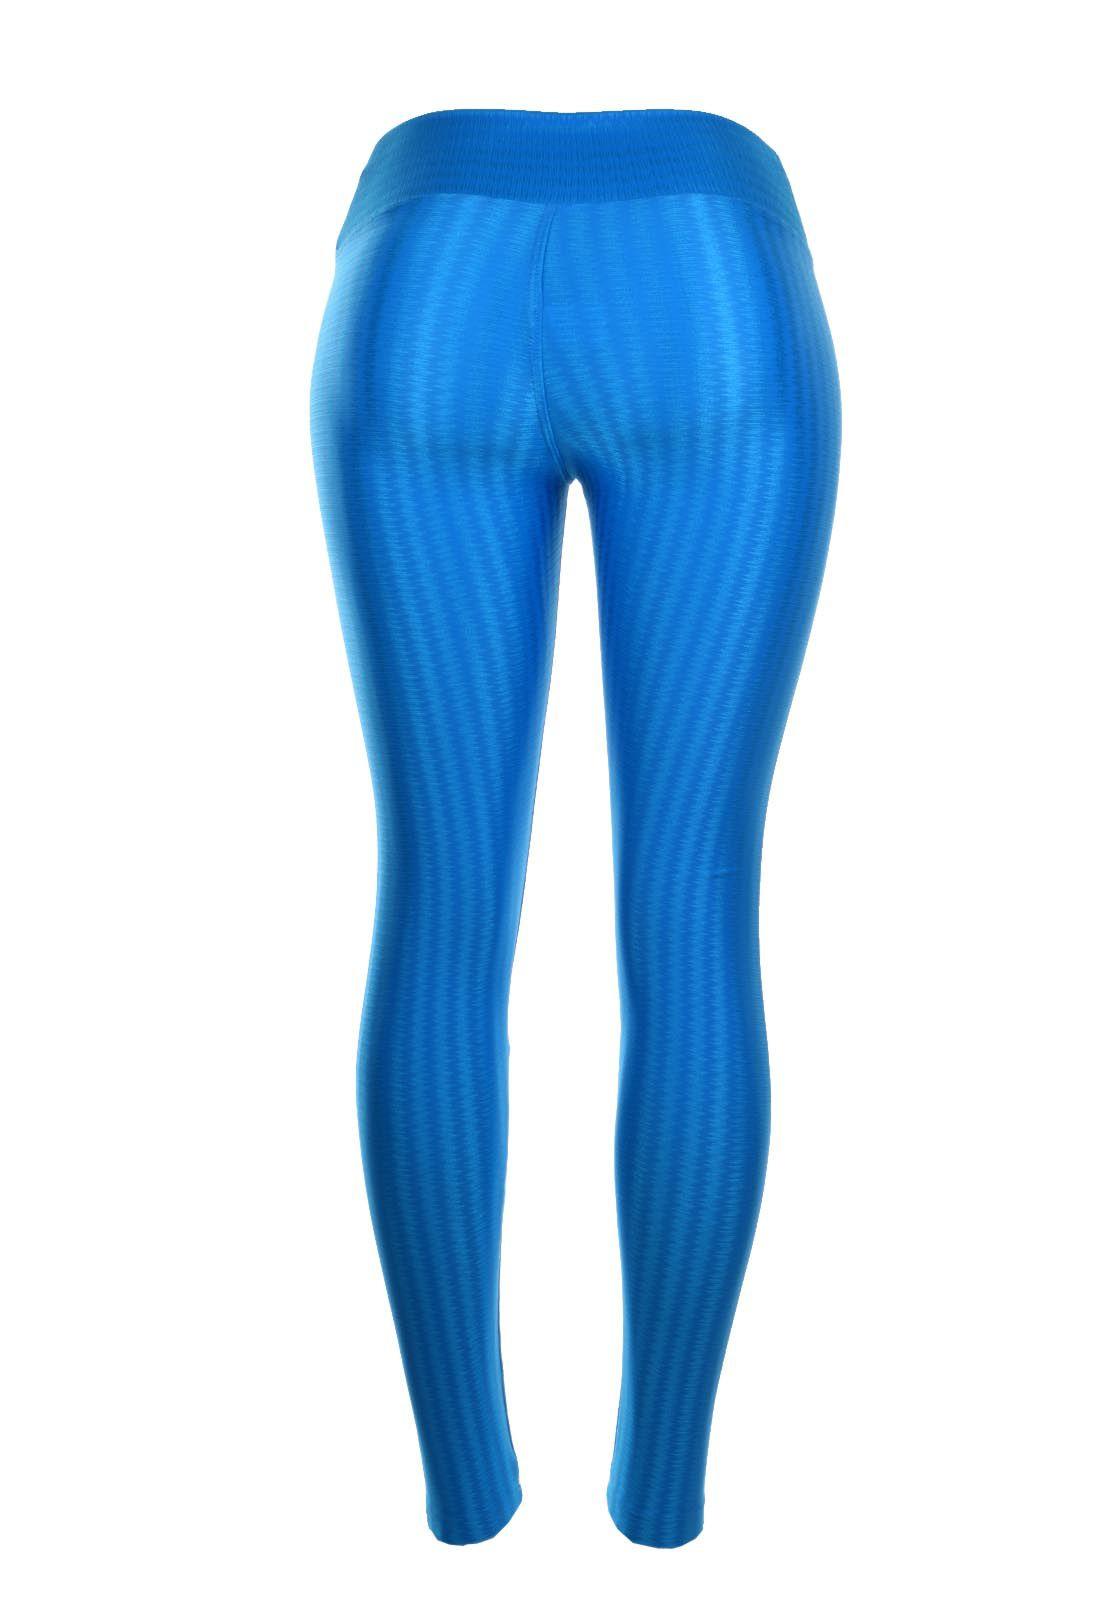 Legging OutletDri Fitness Cós Transpassado Azul Celeste